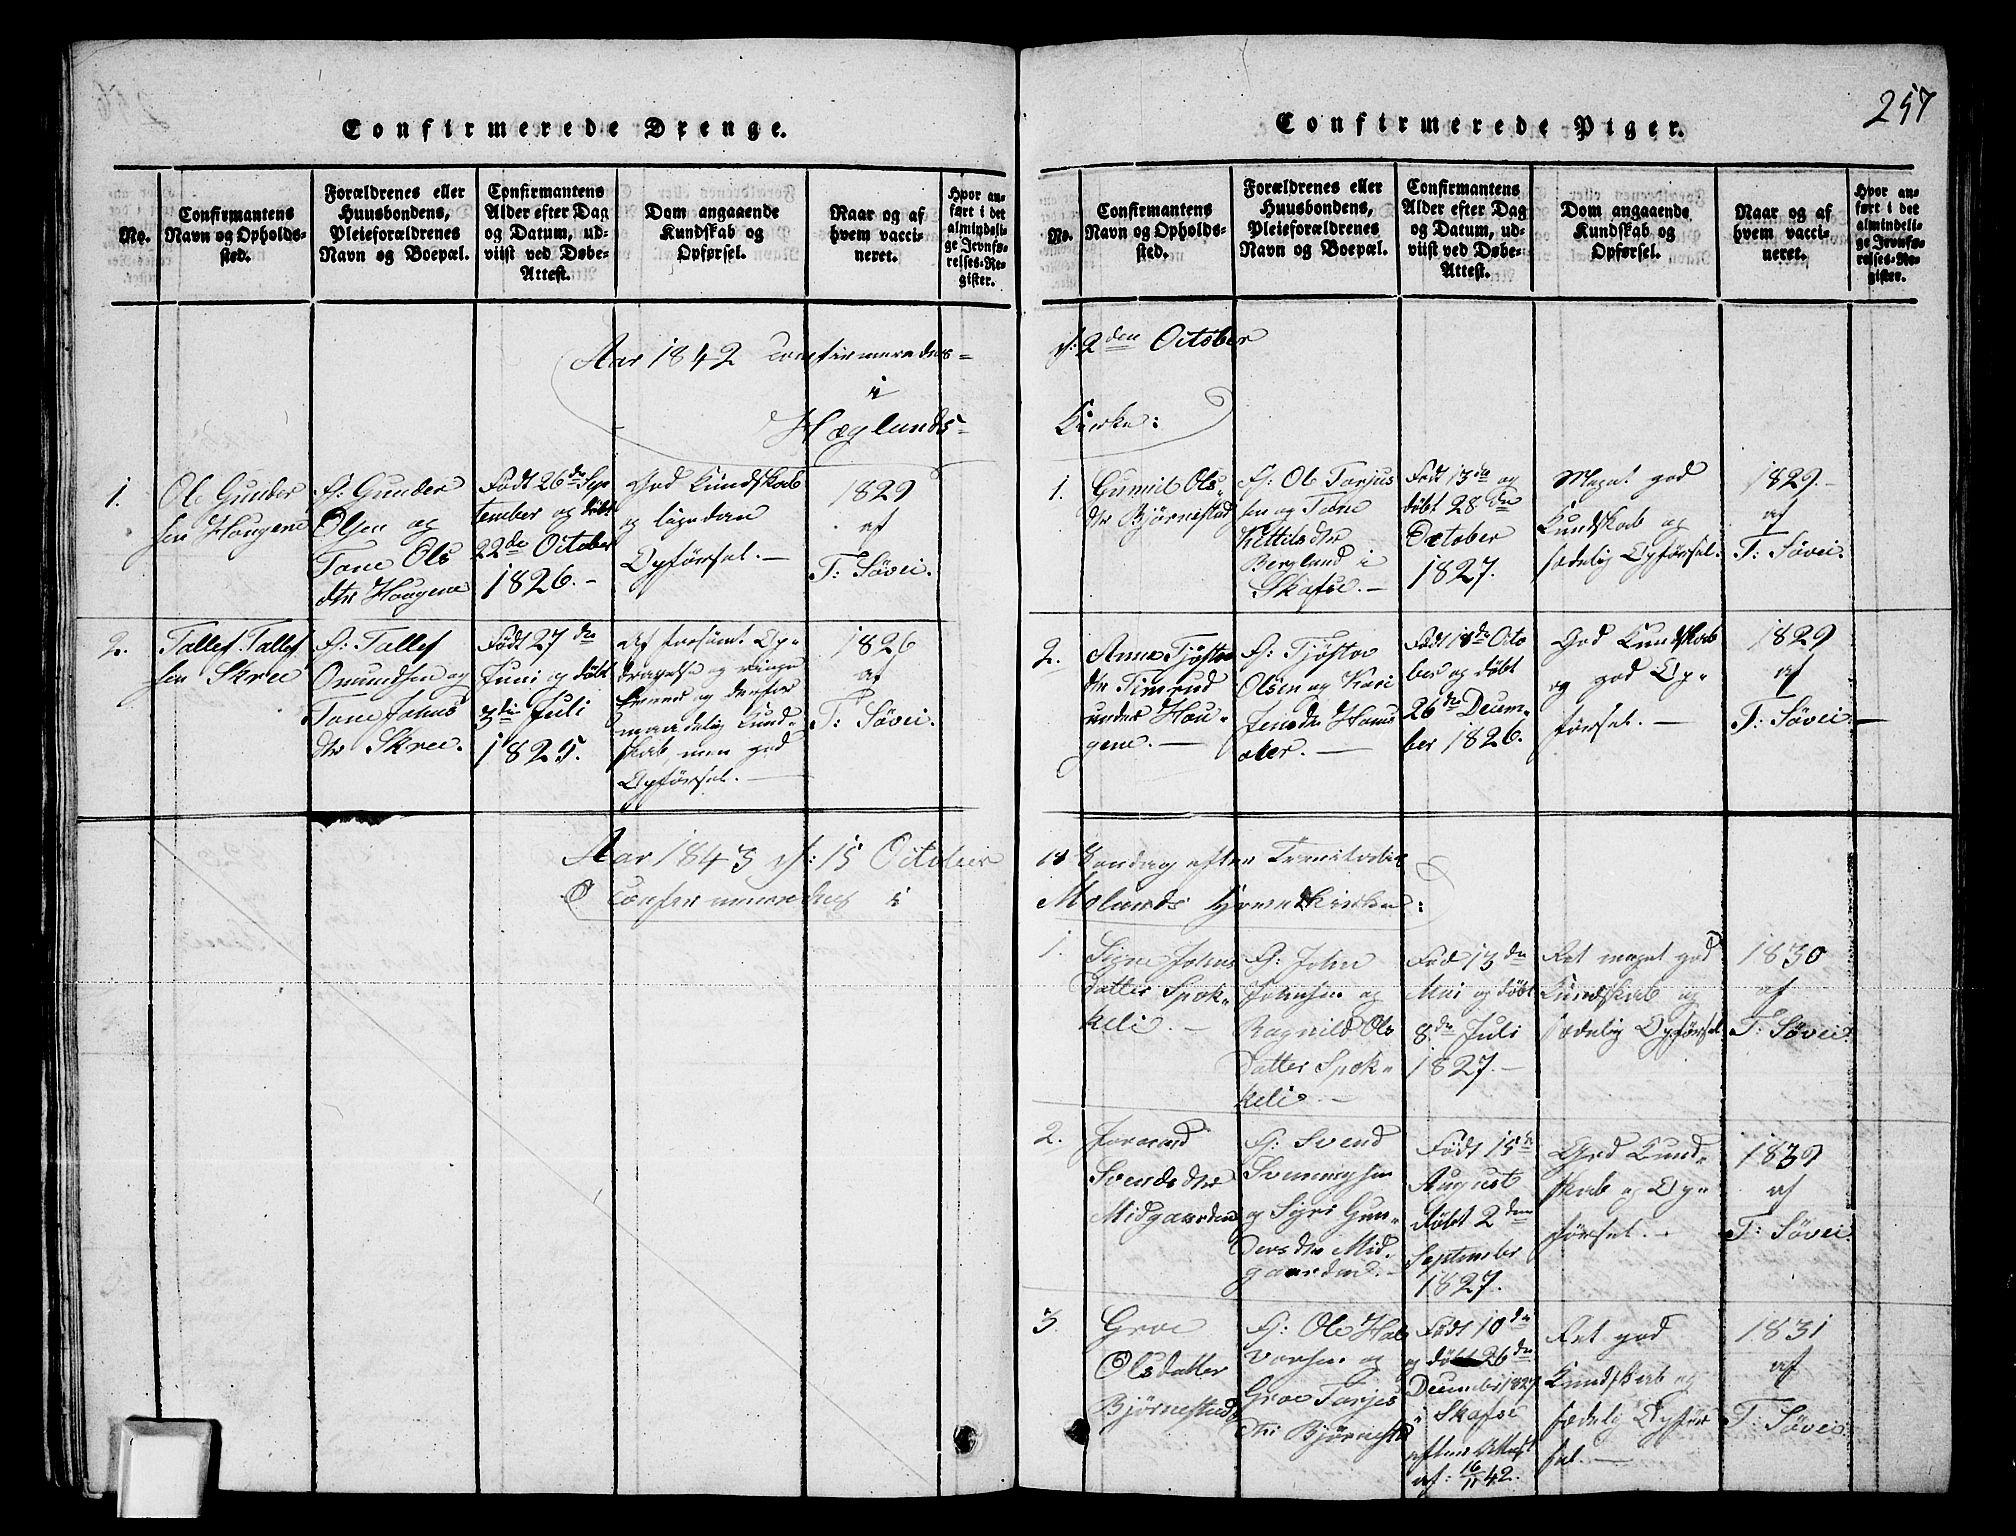 SAKO, Fyresdal kirkebøker, G/Ga/L0003: Klokkerbok nr. I 3, 1815-1863, s. 257